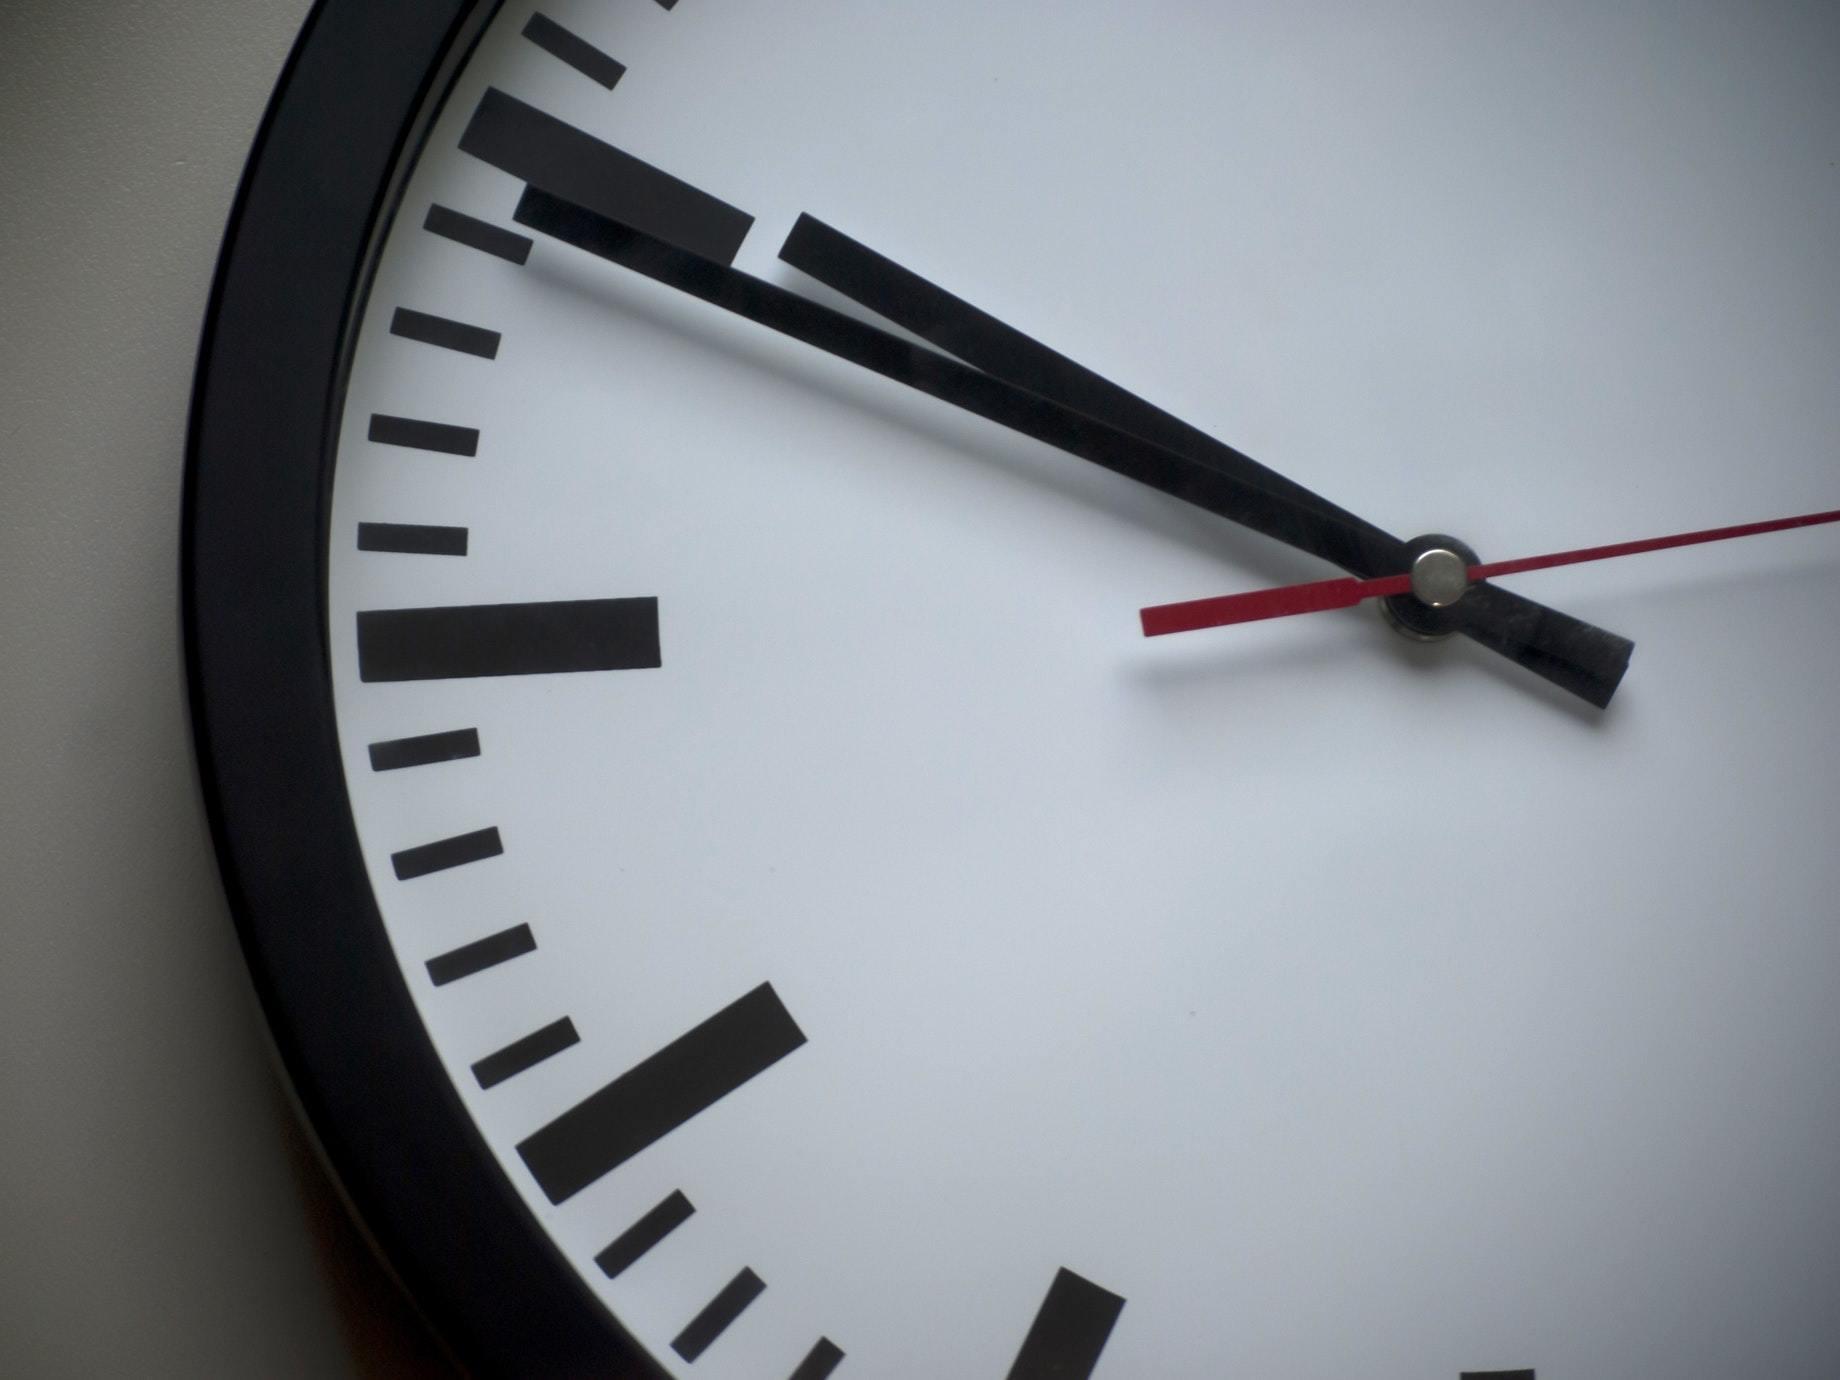 別再做無效的年度計畫!從行程分配開始健檢,你有多少時間完成目標?